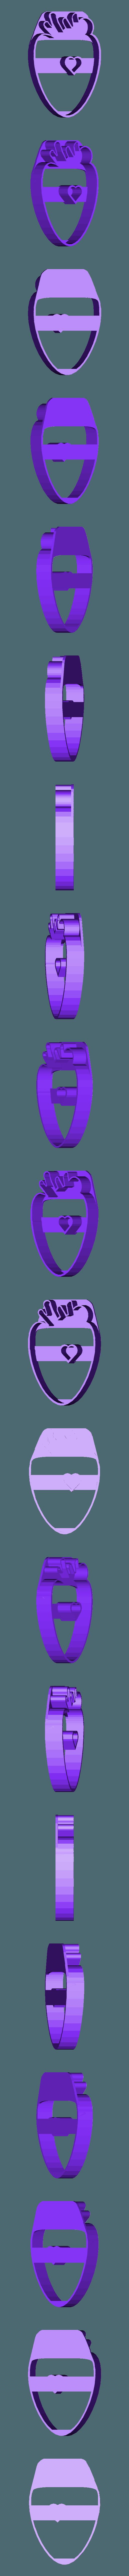 Hole_in_Heart.stl Télécharger fichier STL gratuit Trou dans le cœur (plus fort) • Modèle à imprimer en 3D, vasilp